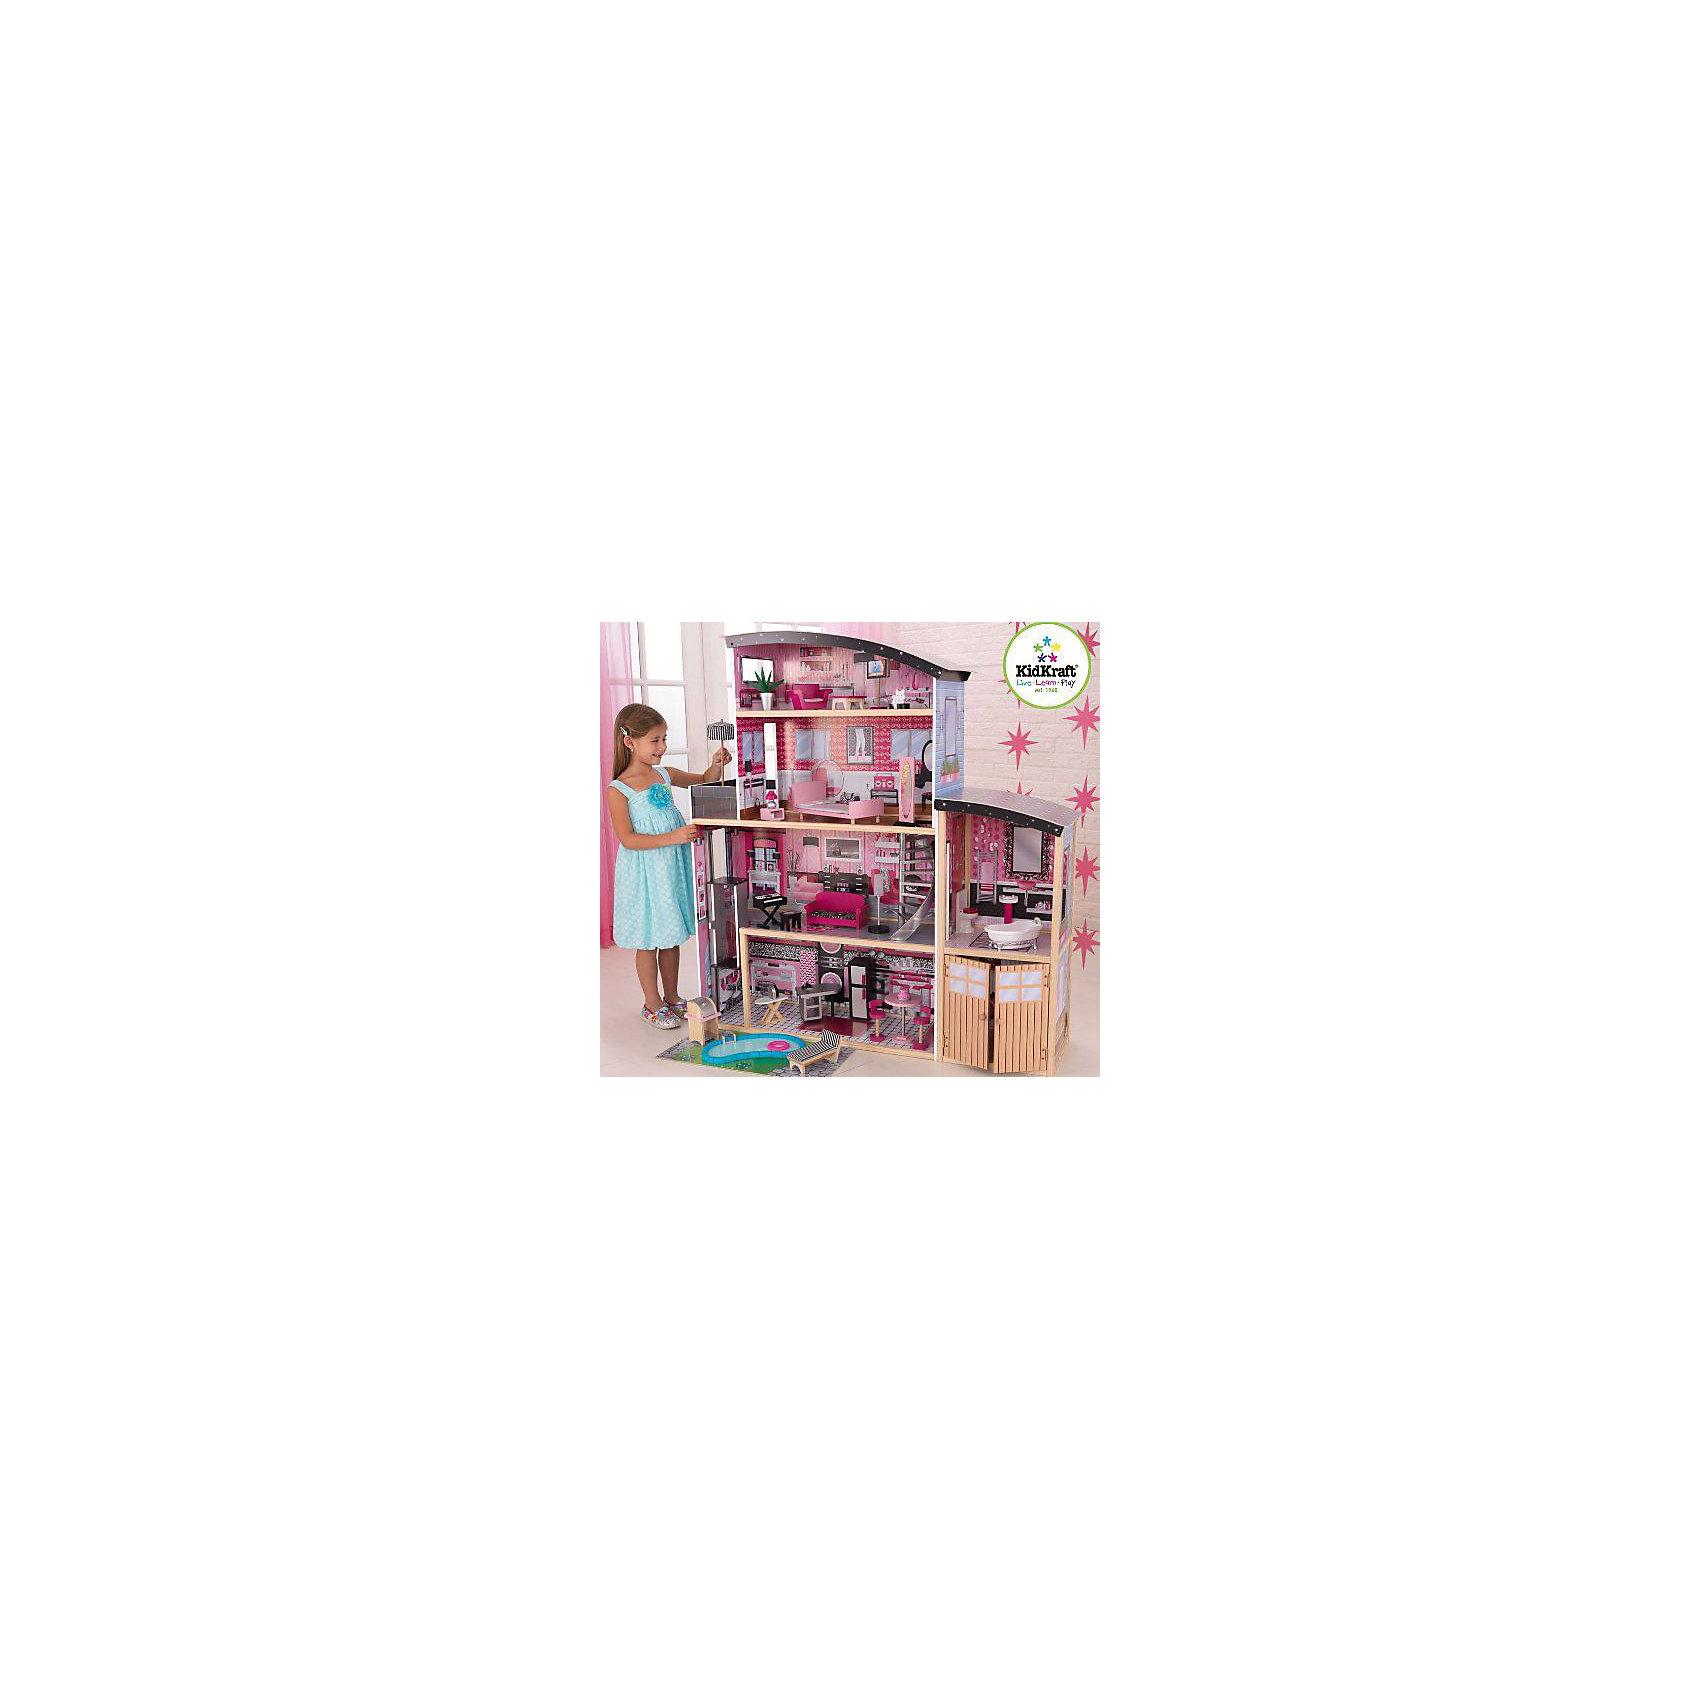 Большой кукольный дом для Барби Сияние (Sparkle Mansion),  с мебелью, 30 пр., KidKraftБольшой кукольный дом для Барби Сияние с мебелью, KidKraft (КидКрафт).<br><br>Характеристики:<br><br>•Материал: дерево, МДФ, текстиль, пластик.<br>•Дом частично открытый (задняя стенка глухая, лицевая часть полностью открыта).<br>•4 этажа, 5 просторных комнаты, гараж, балкон, лифт, лестница.<br>•Цвет: розовый.<br>•Укомплектован мебелью и аксессуарами.<br>•Интерактивные элементы, бассейн.<br>•Подходит для кукол высотой до 30см. <br>•Конструкция продается в разобранном виде.<br>•Размер игрушки в собранном виде - 126х65х135 см.<br>•Размер упаковки - 96х57х23см.<br>•Вес: 25 кг.<br><br>В комплекте:<br><br>• 30 предметов интерьера: ванна, унитаз, умывальник, кровать, диван, кресло, напольное зеркало, гладильная доска, утюг, синтезатор, кухонная мебель, шезлонг с матрасом, садовый гриль, настольная лампа, торт, люстра для спальни, бассейн, торшер с подсветкой и многое другое.<br>• Инструкция по сборке.<br><br>Большой кукольный дом для Барби Сияние с мебелью, KidKraft (КидКрафт) – это игрушка - мечта от американского производителя. В доме 4 этажа, 5 просторных комнат. На первом этаже кукол встретит большая кухня со столовой, второй этаж отдан под стильную гостиную, из которой можно попасть в крыло с ванной комнатой, третий этаж отдан под спальню с небольшой открытой террасой. На четвертом этаже - комната отдыха с изогнутой крышей. Застекленный лифт курсирует между первым и вторым этажом. Винтовая лестница «под сталь» соединяет второй и третий этажи. <br>Уникальность домику «Сияние» придает меблировка. Домик комплектуется тридцатью предметами мебели и декора, включая два интерактивных элемента – торшер с подсветкой и синтезатор с озвучкой, а также бассейн. Юная леди, проявив фантазию, самостоятельно может обставить комнаты по своему вкусу. Игры с таким домиком помогают развить в девочке фантазию, творческие способности, поможет ребенку почувствовать себя взрослой и самостоятельной хозяйкой.